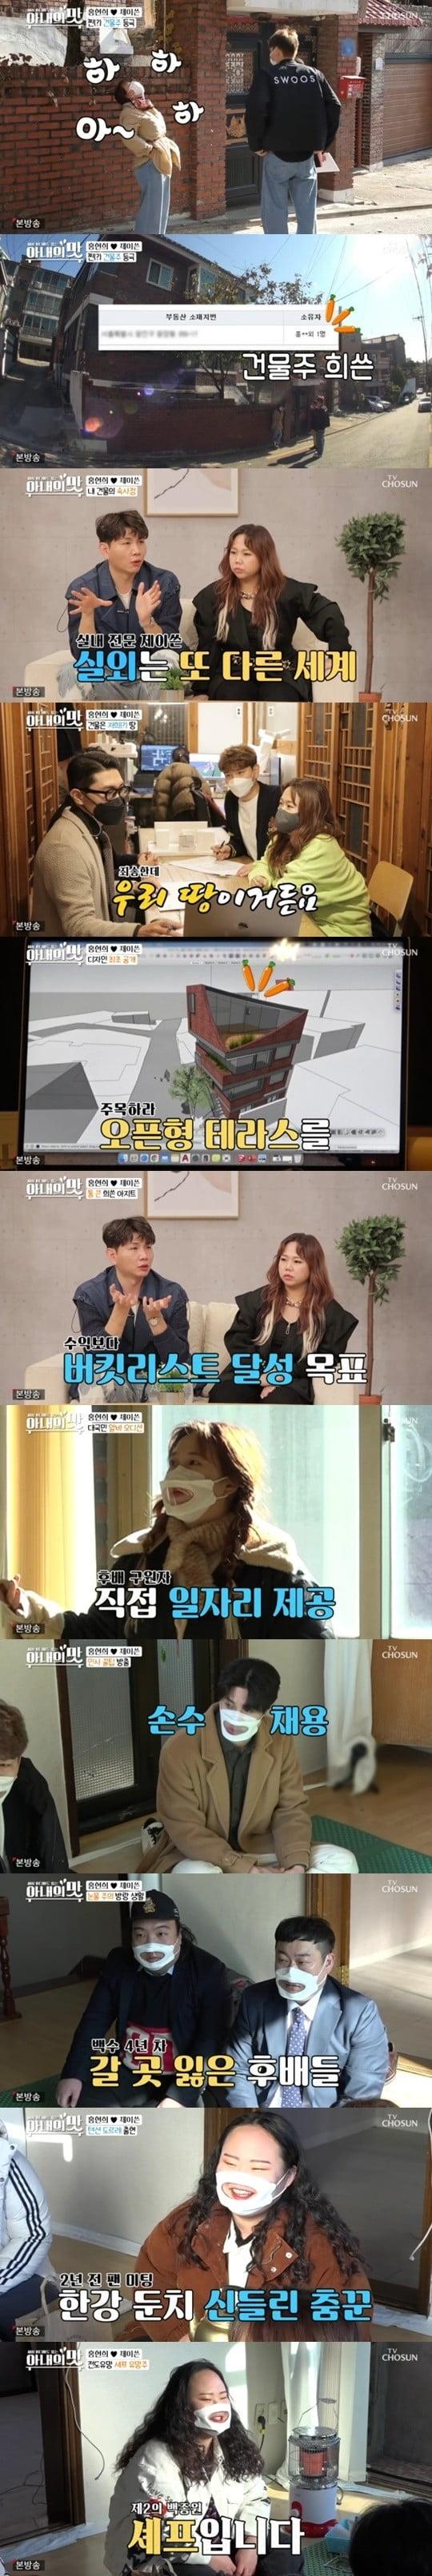 홍현희와 제이쓴 부부/사진=TV조선 '아내의 맛'